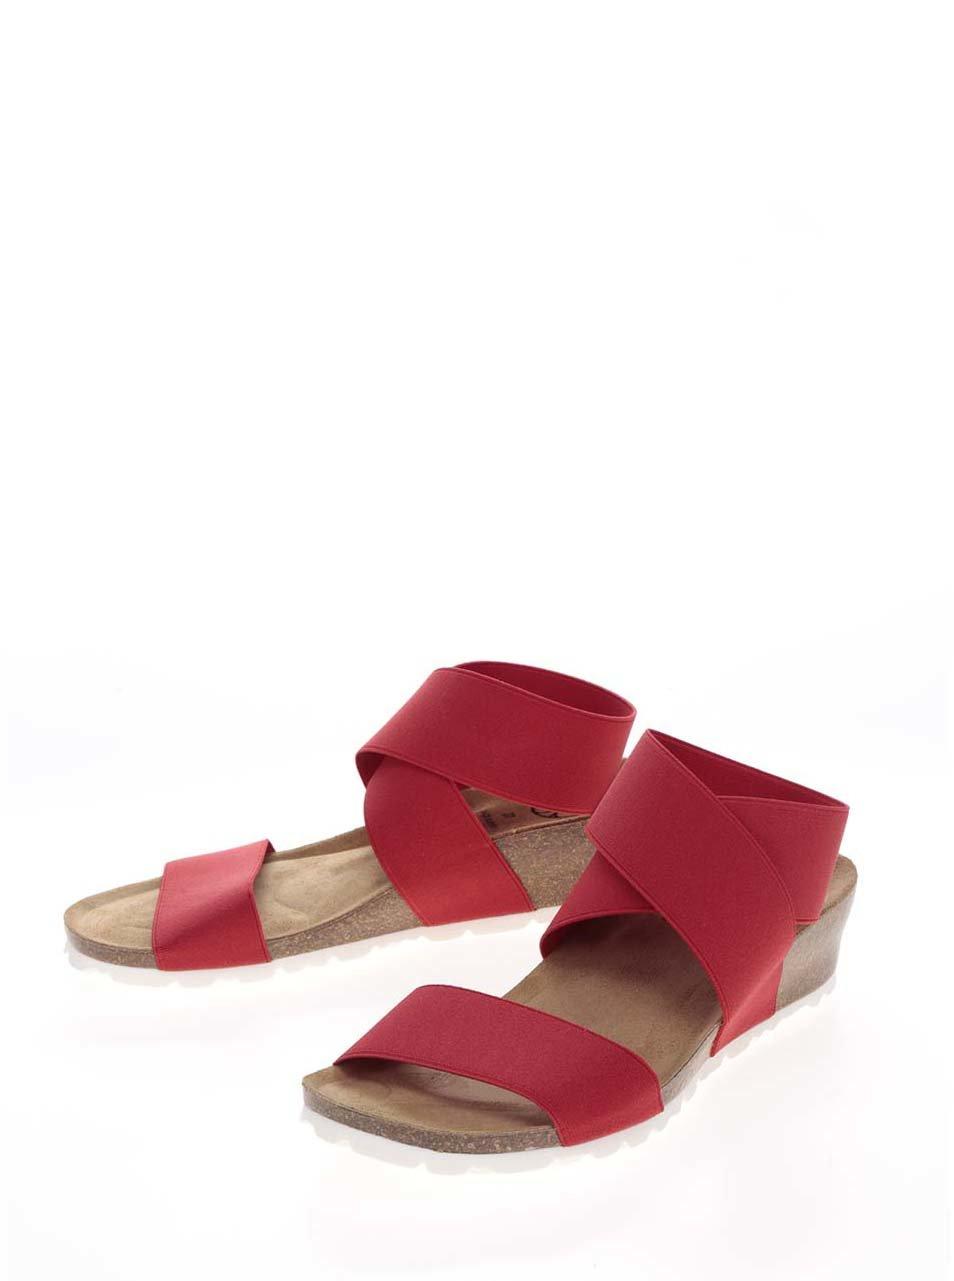 aff5126c4acd Červené dámske sandále s pružnými remienkami OJJU ...